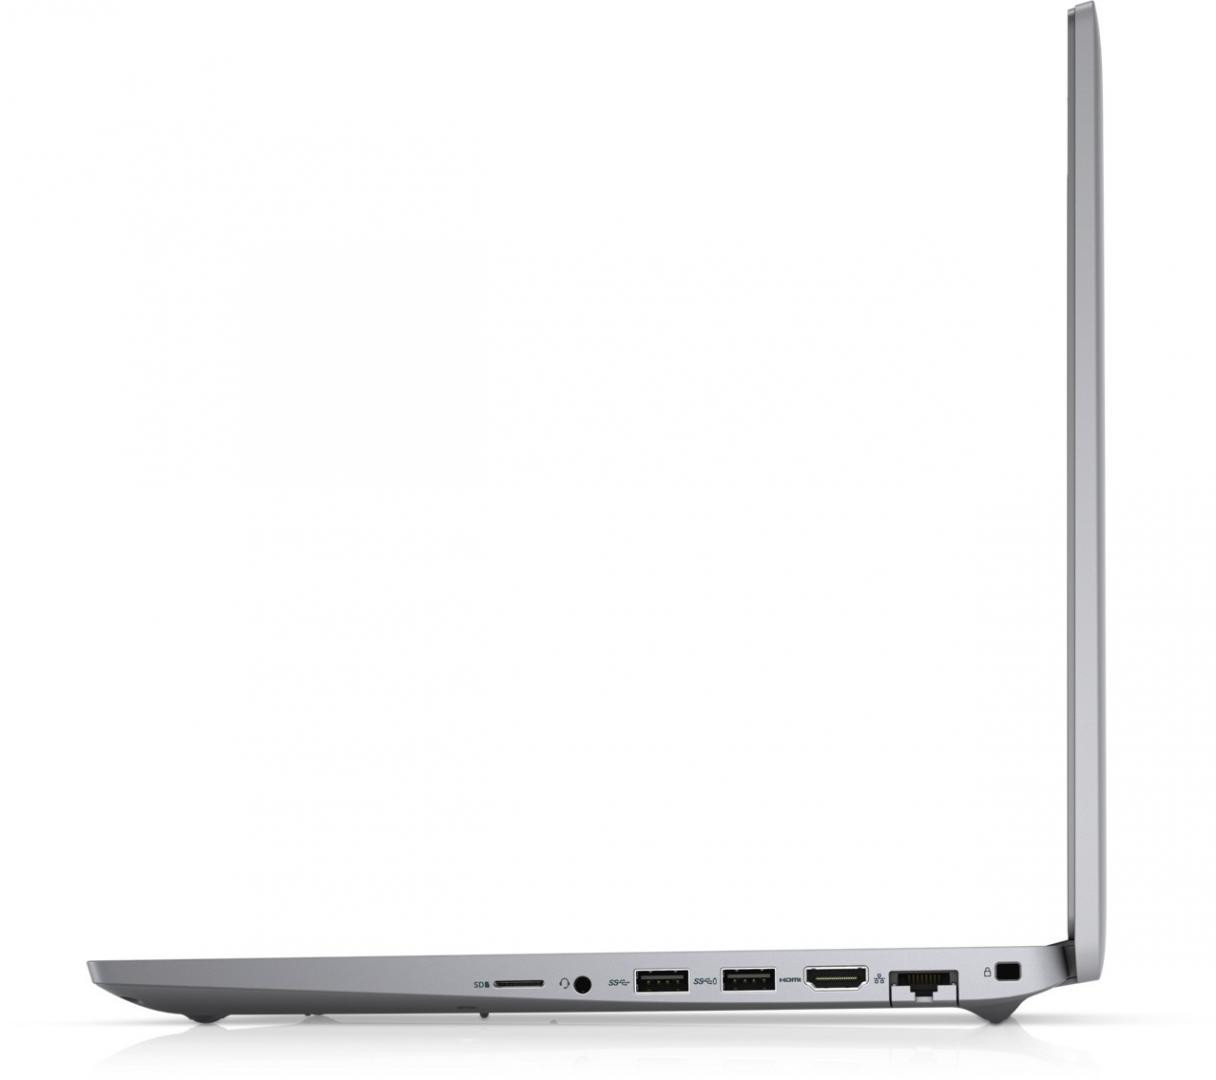 """Laptop Dell Latitude 5520, 15.6"""" FHD, I5-1145G7, 16GB, 512GB SSD, Intel Iris Xe Graphics, W10 Pro - imaginea 10"""